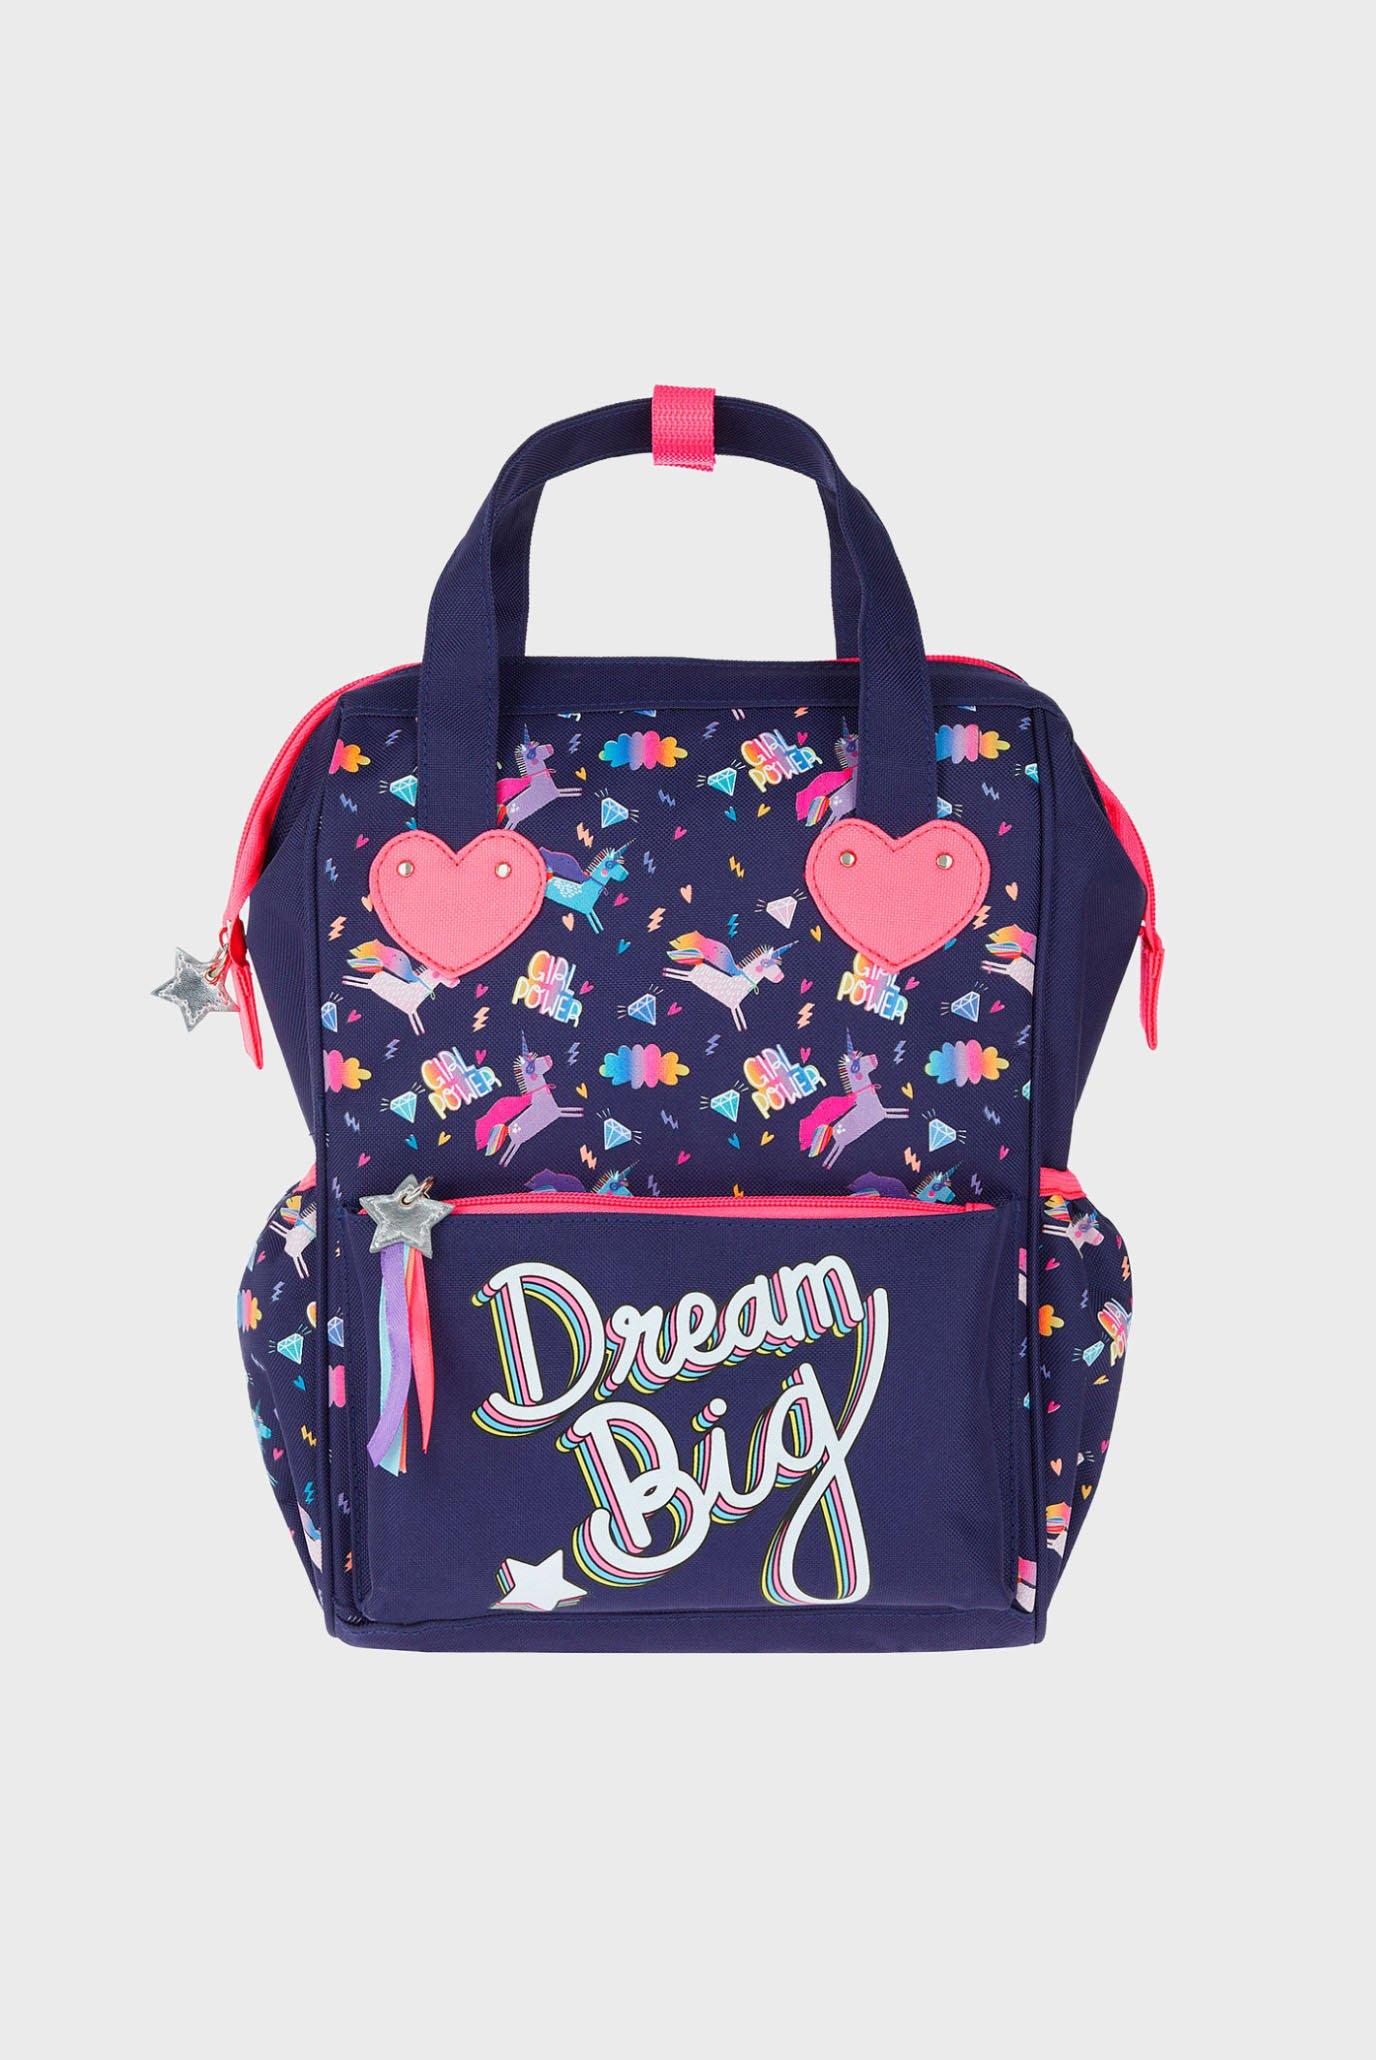 Купить Детский темно-синий рюкзак DREAM BIG UNICORN TO Accessorize Accessorize 783002 – Киев, Украина. Цены в интернет магазине MD Fashion